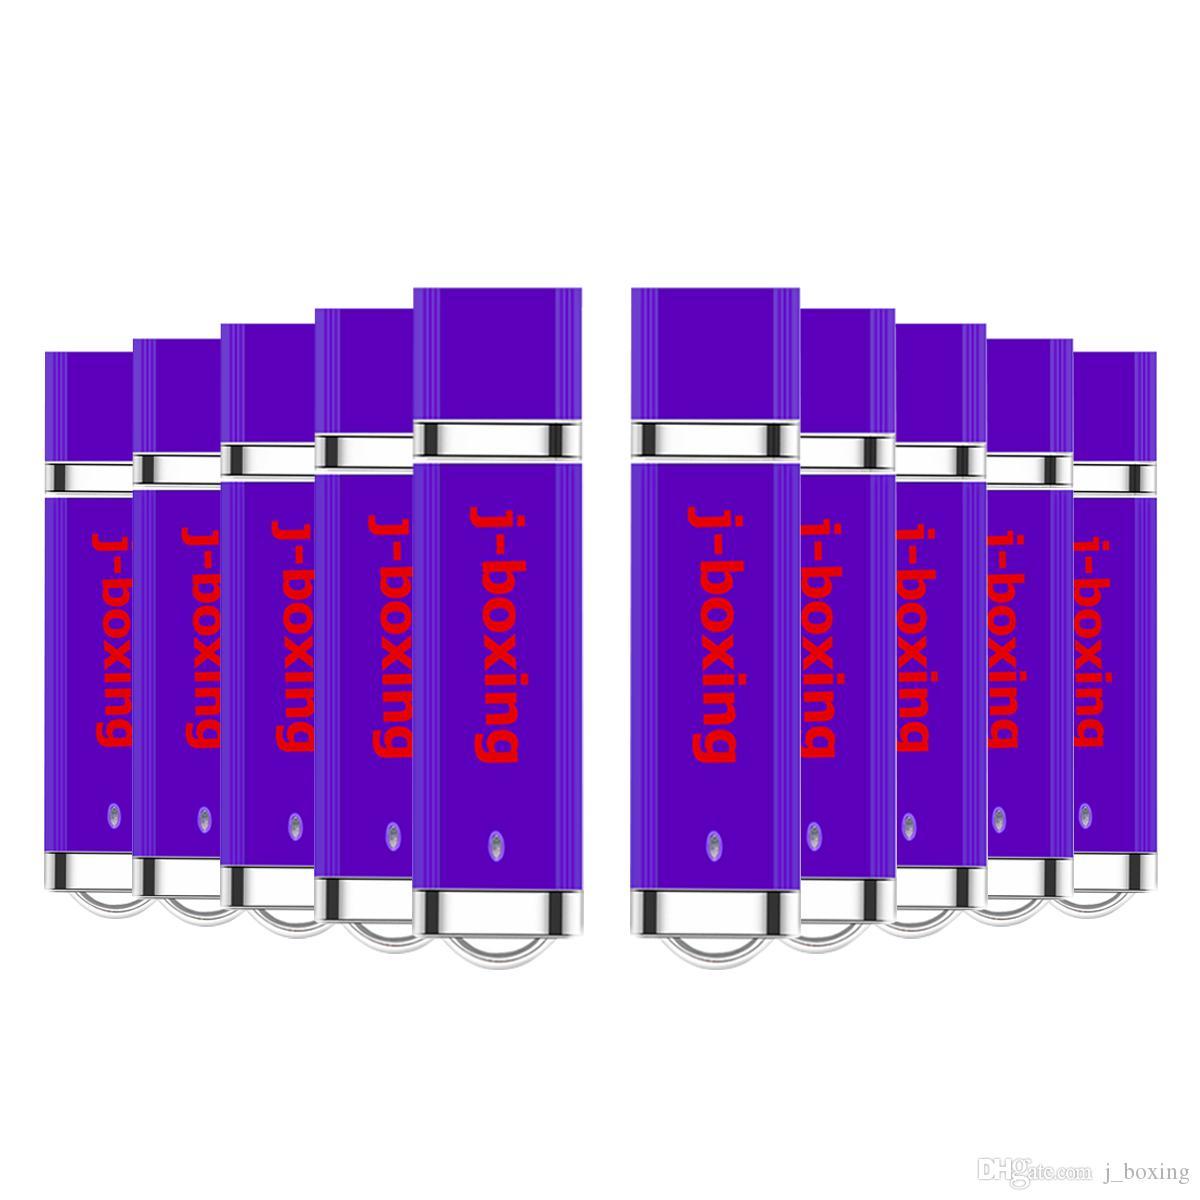 Free Shipping Bulk 10PCS 1GB Lighter Model USB 2.0 Flash Drives Rectangle Pen Drives for PC Laptop USB Memory Stick Thumb Storage Colorful